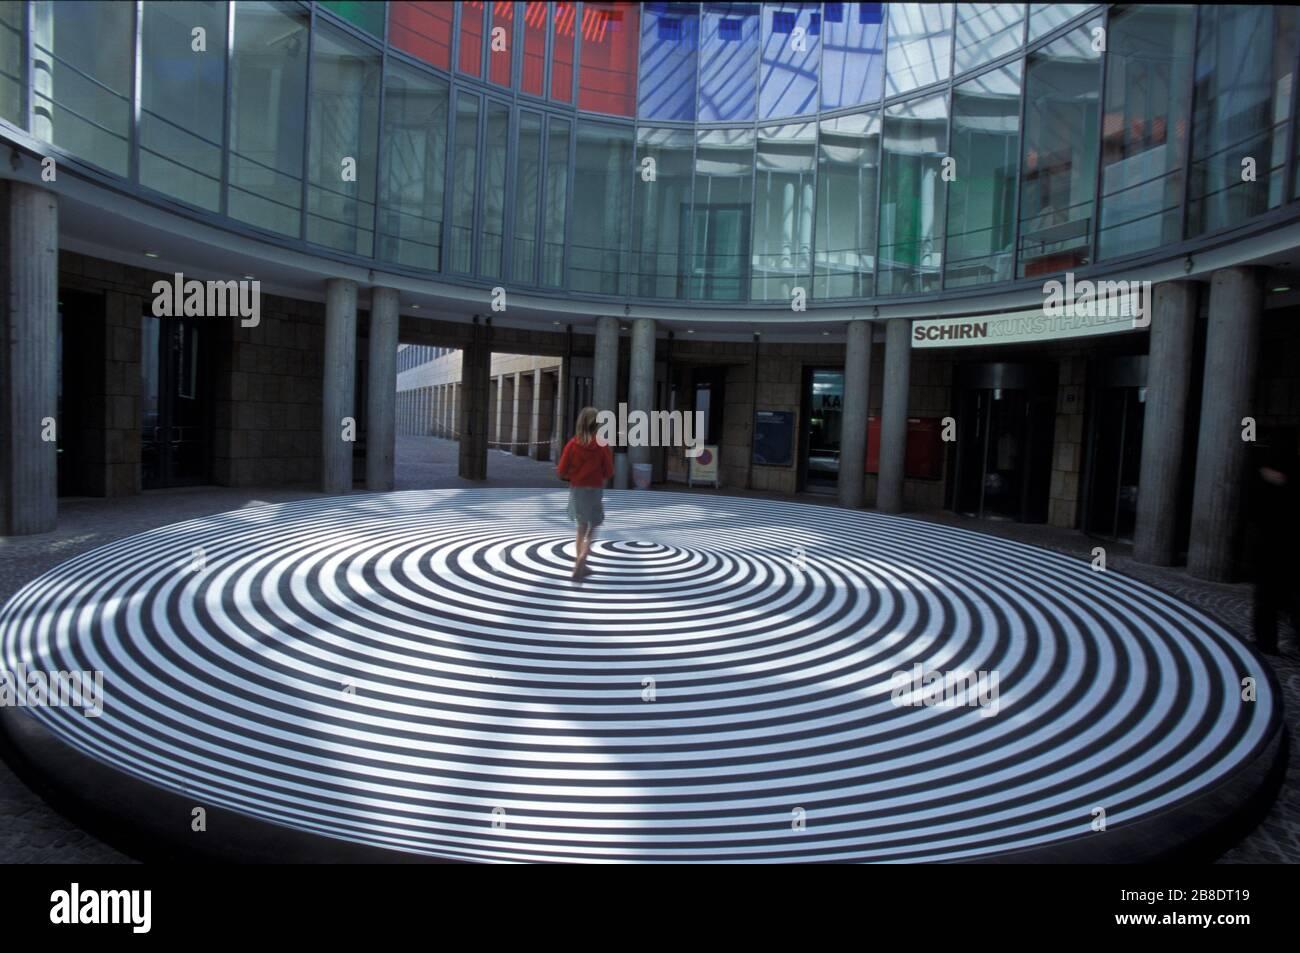 frankfurt-am-main-schirn-kunsthalle-art-